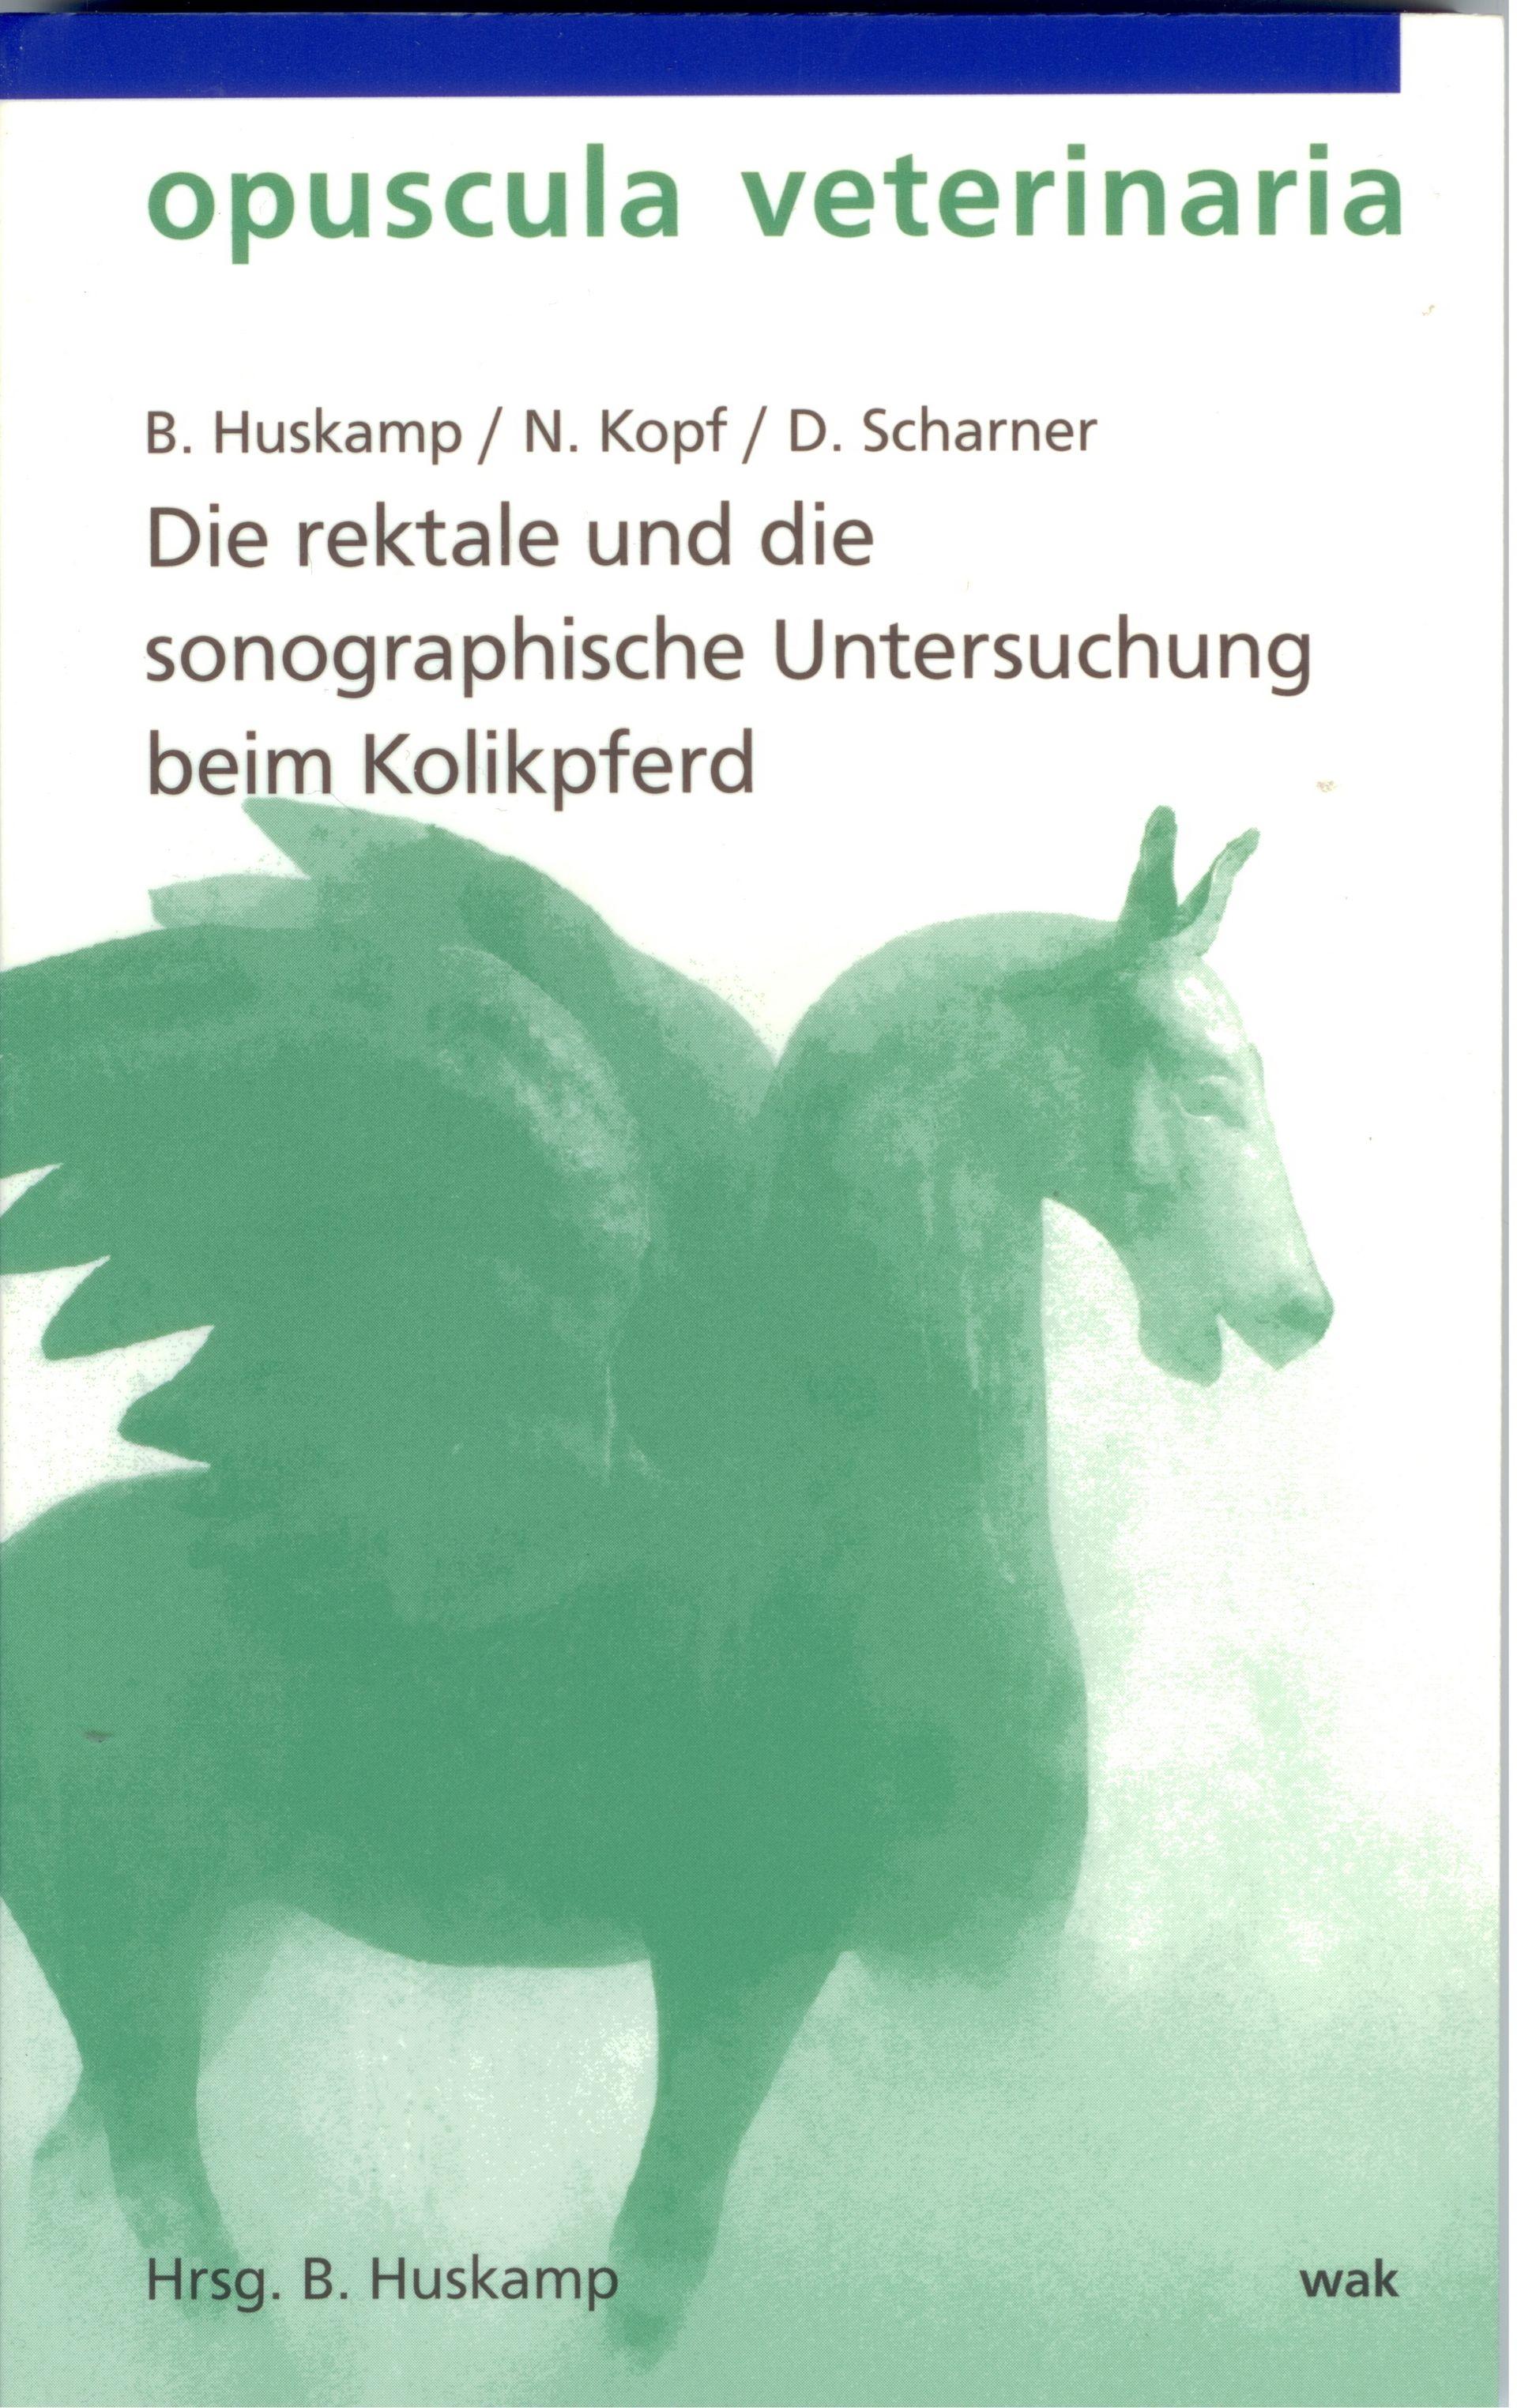 Willkommen im Shop des WAK-Verlages | WAK Verlag